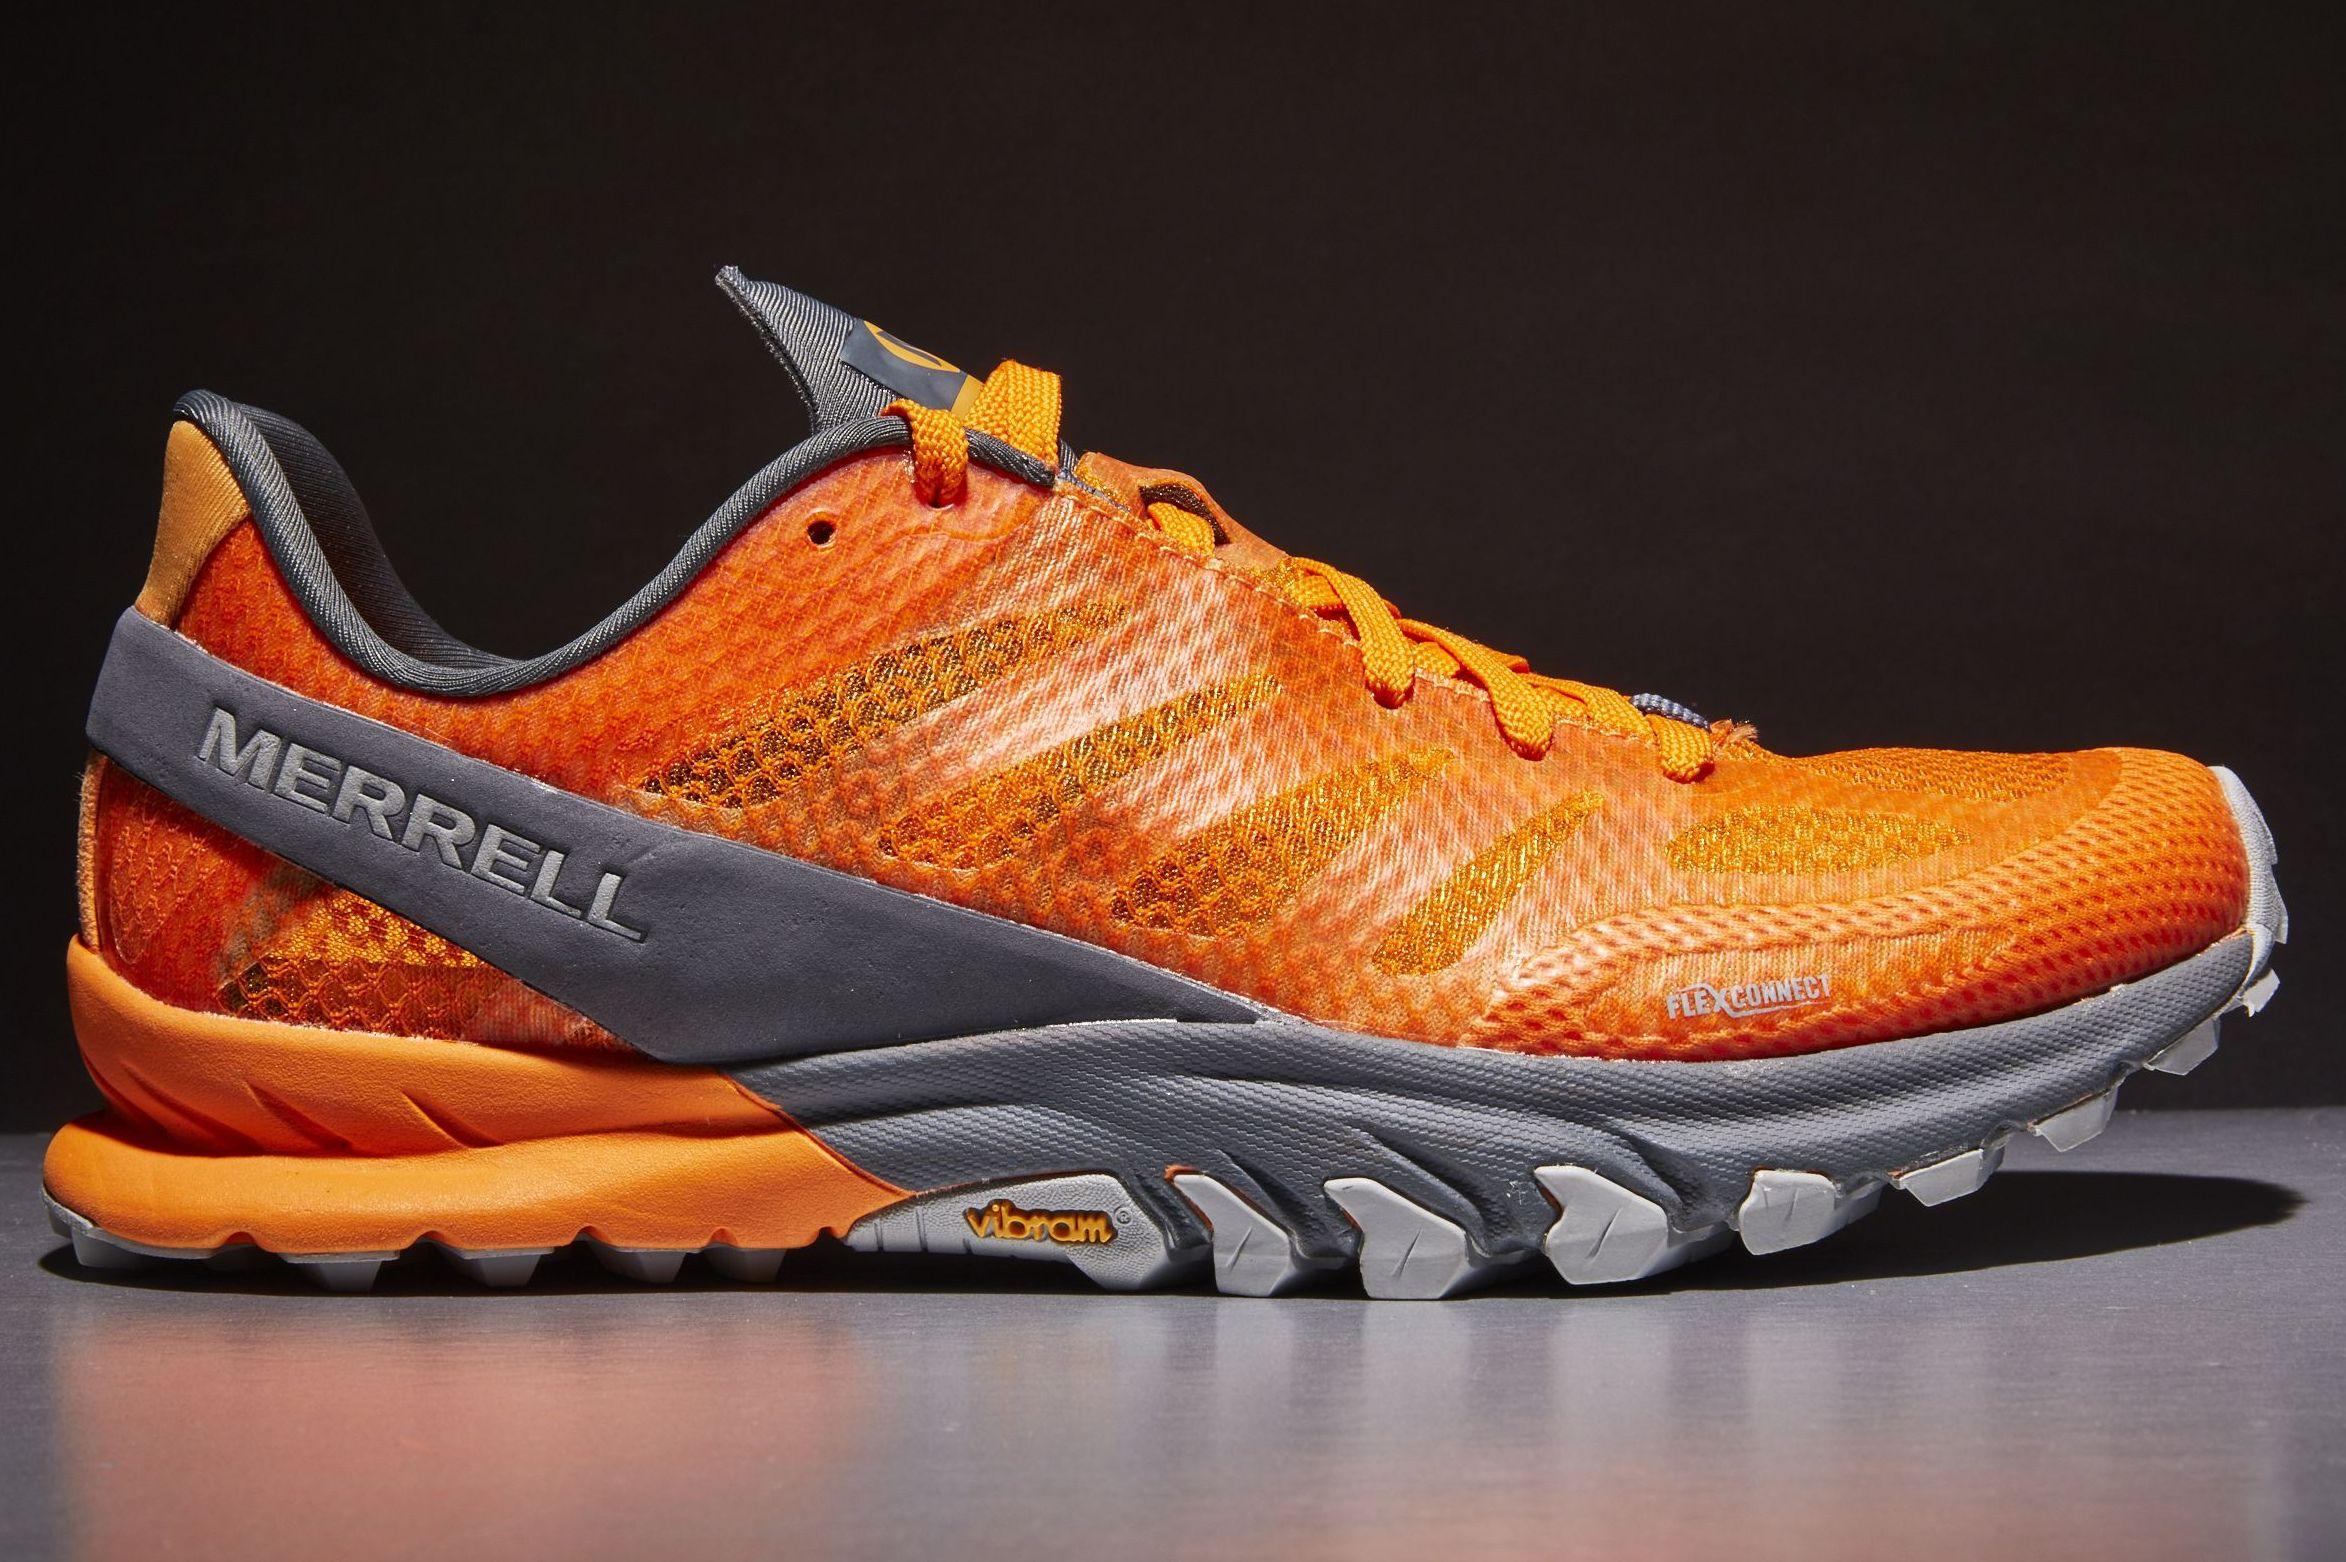 60fd884a Merrell MTL Cirrus Review — Lightweight Trail Running Shoes